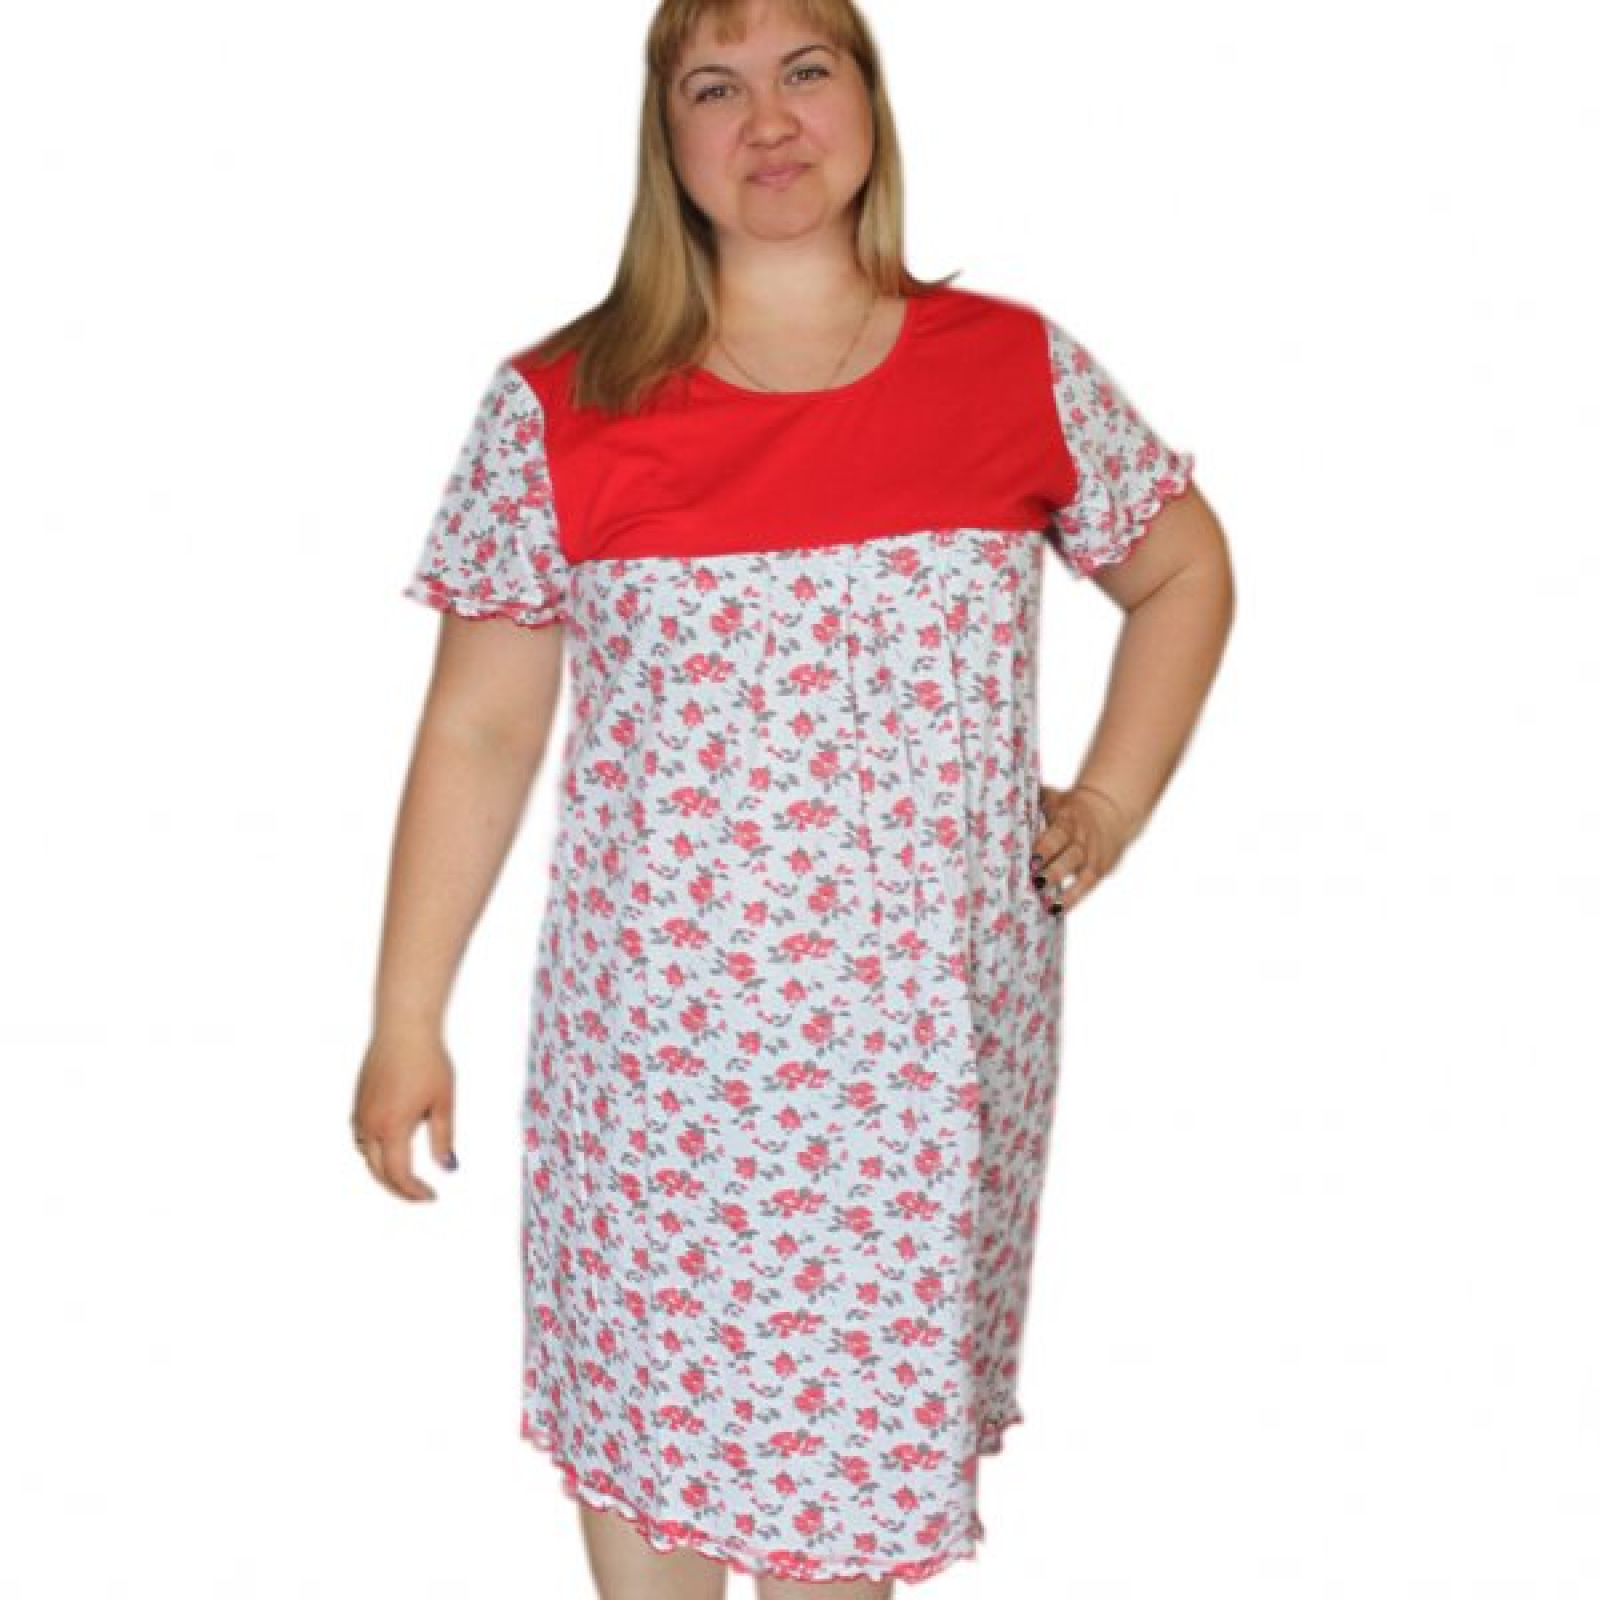 Сорочка (кокетка) Красные цветочки М-0068К